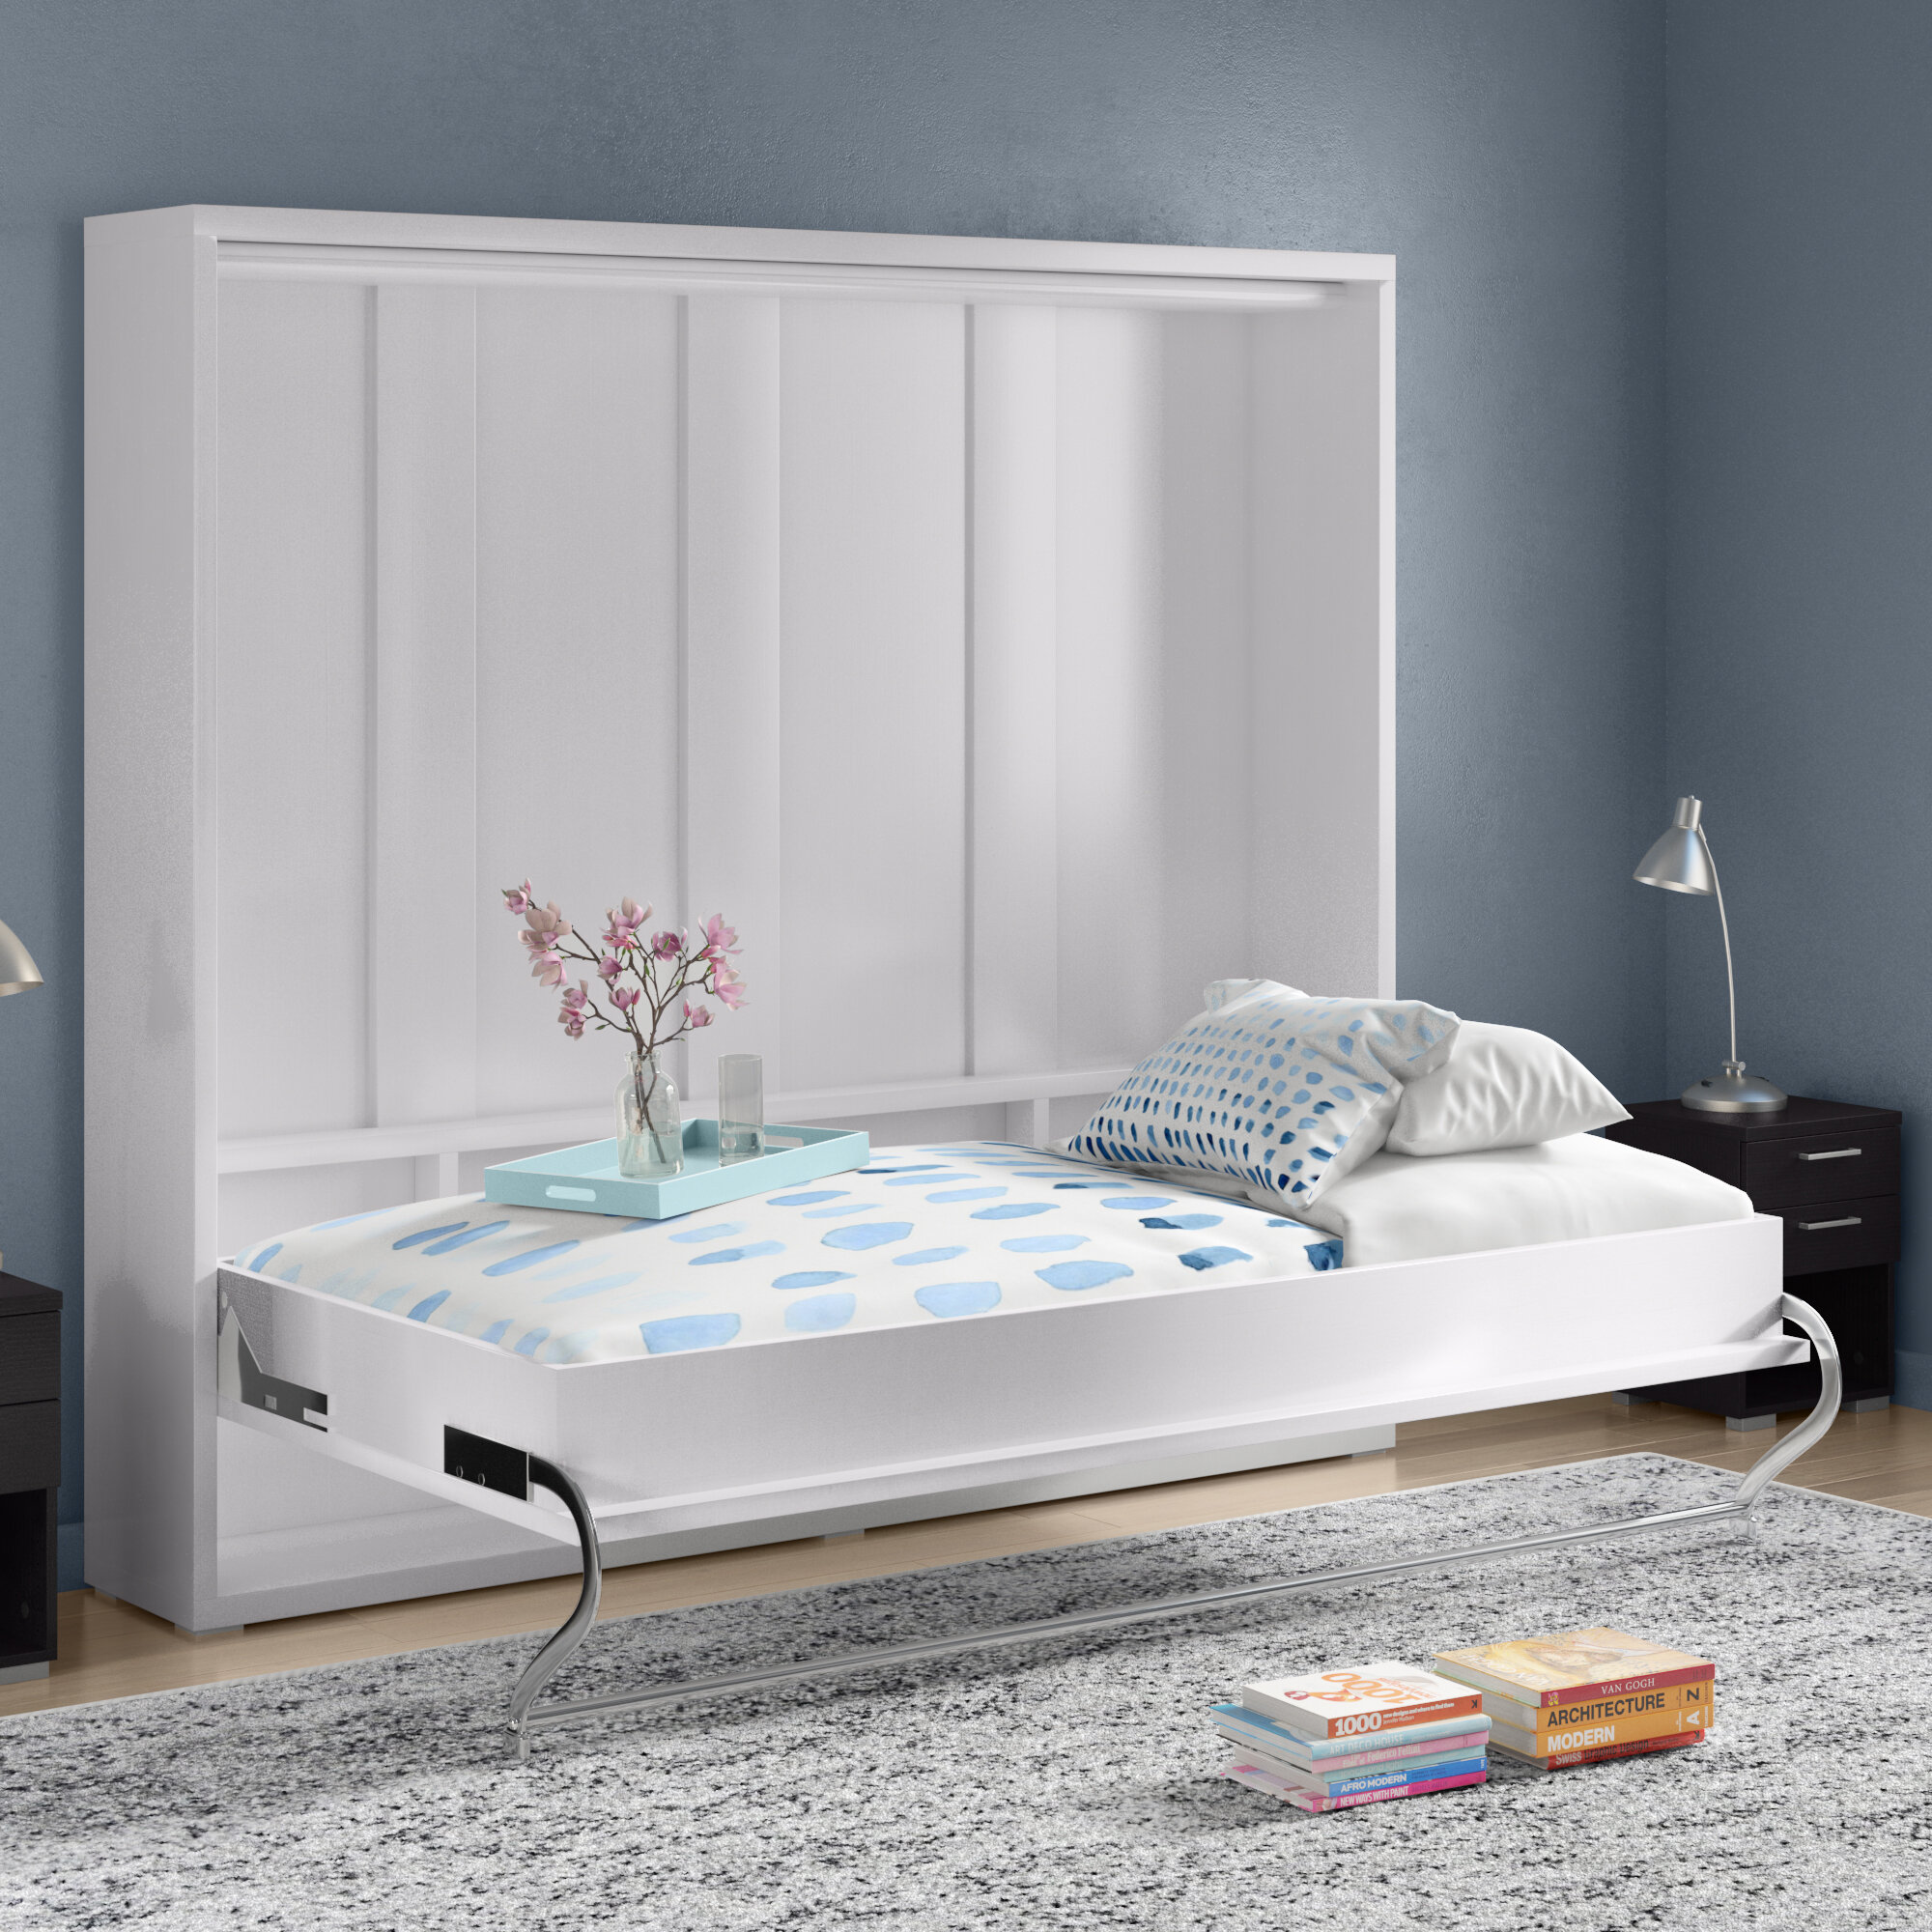 Brayden Studio Van Wyck Murphy Bed With Mattress Amp Reviews